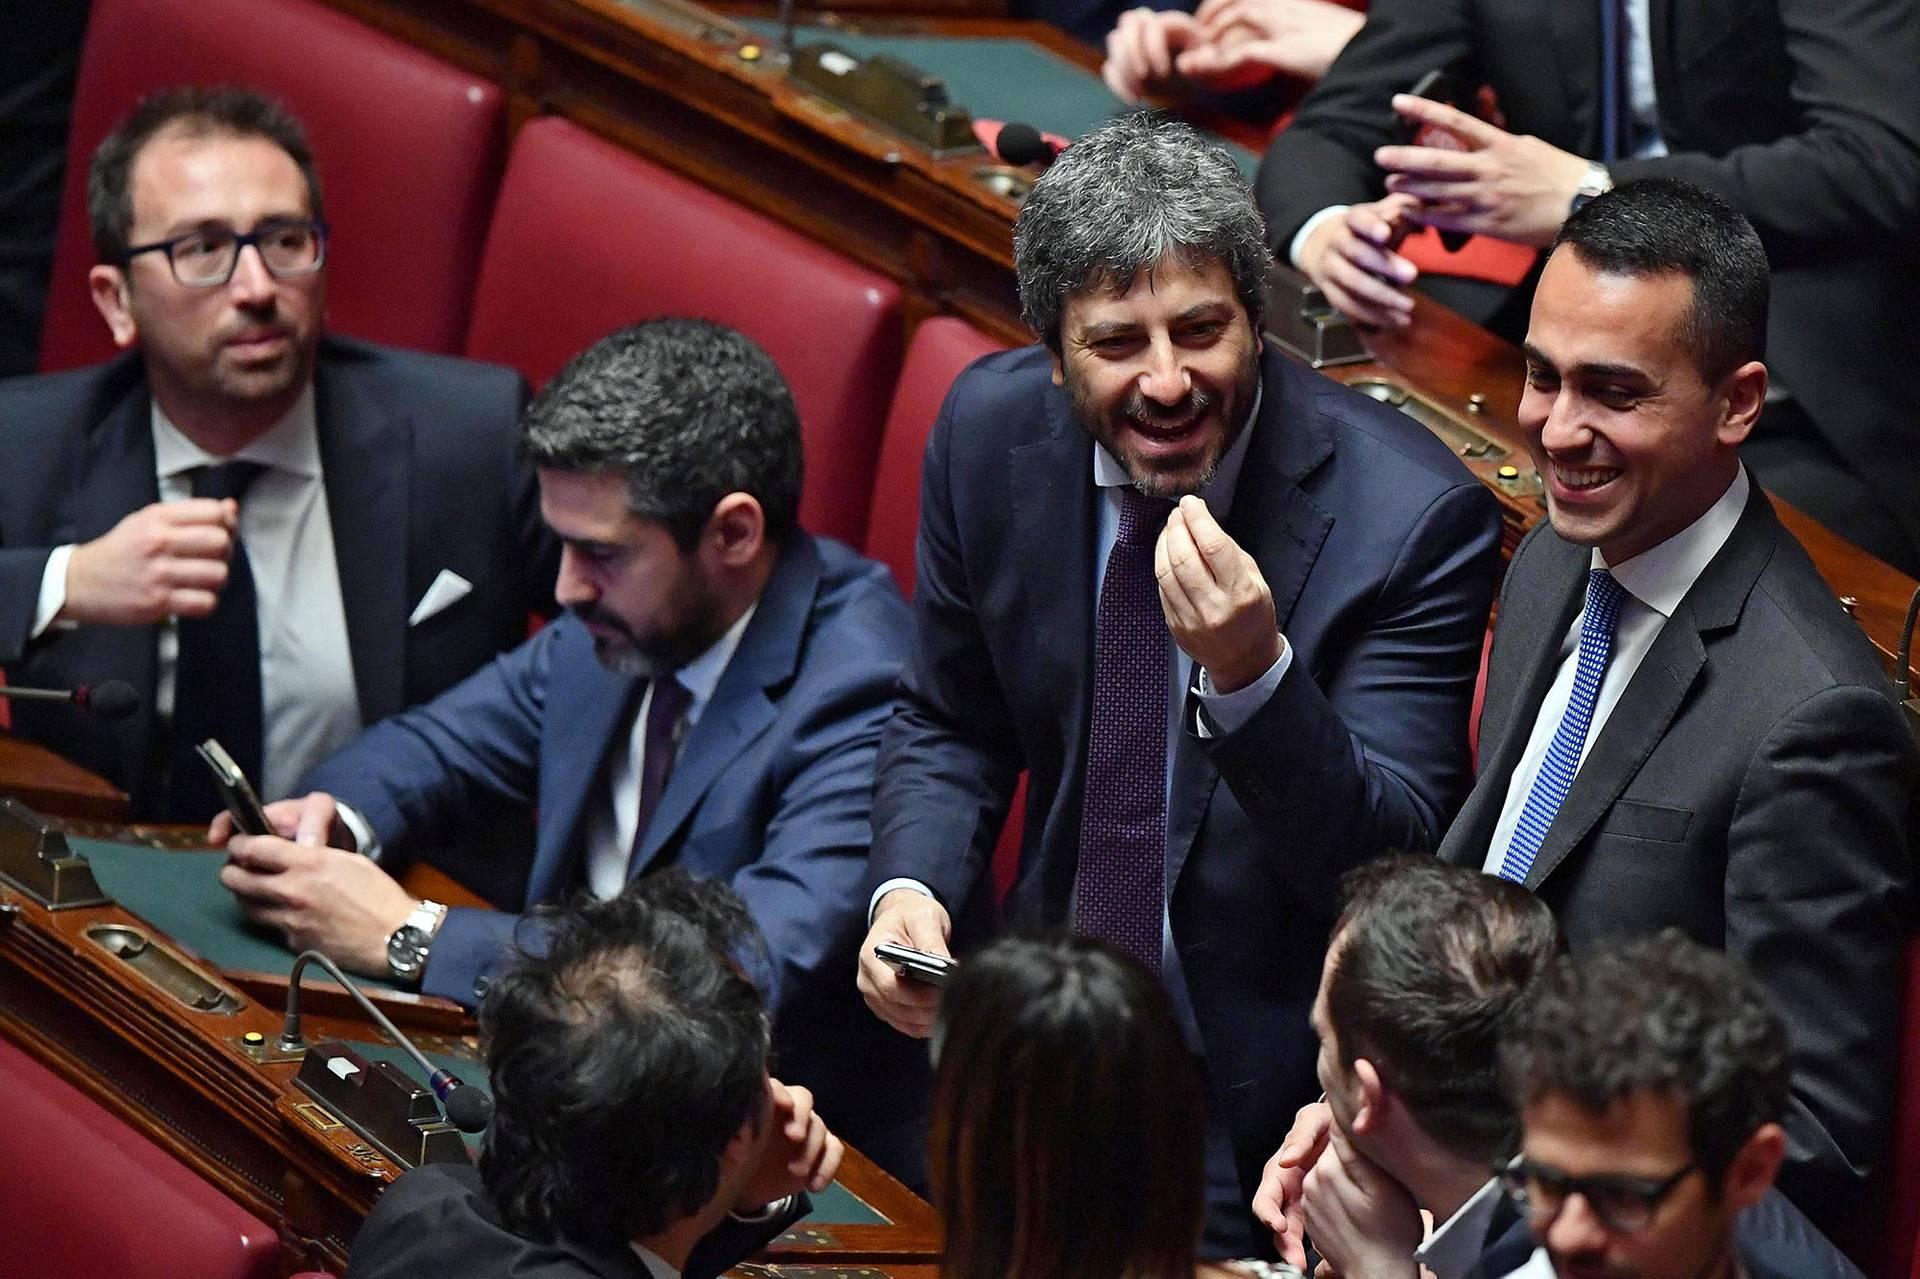 Віце-прем'єр-міністр Італії Луїджі ді Майо (праворуч) та спікер нижньої палати італійського парламенту Роберто Фіко (другий праворуч) у залі засідань парламенту, Рим, Італія, 24 березня 2018 року